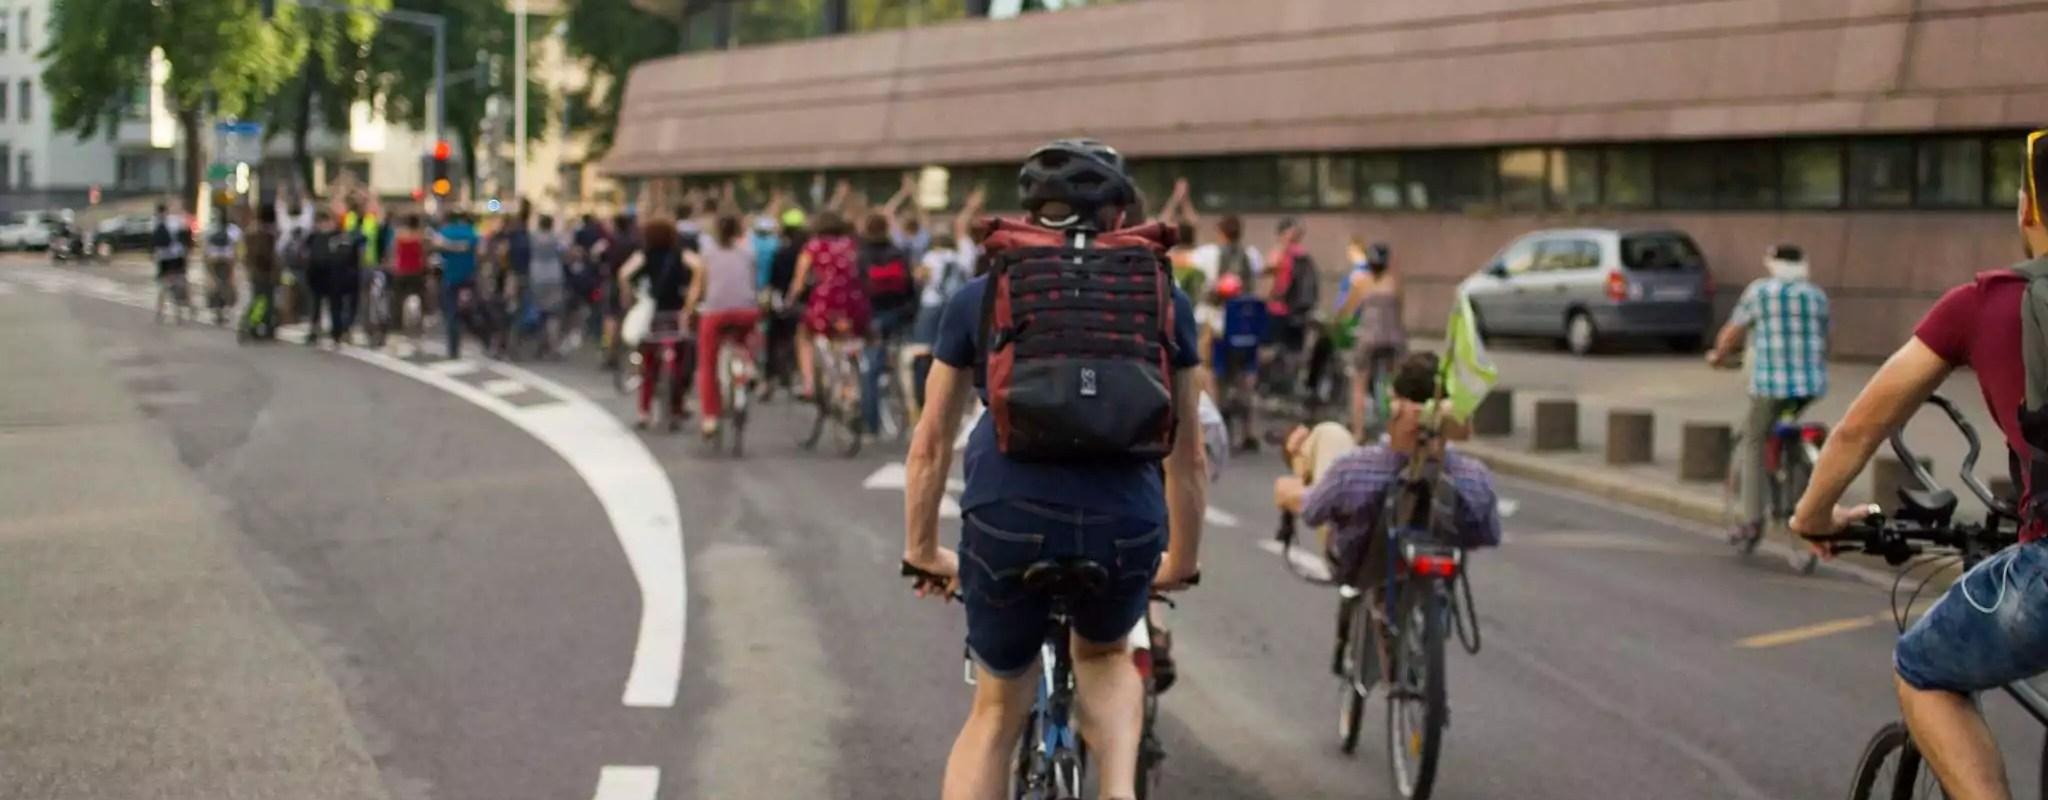 Manifestation à vélo vendredi suite au décès d'une cycliste à Schiltigheim